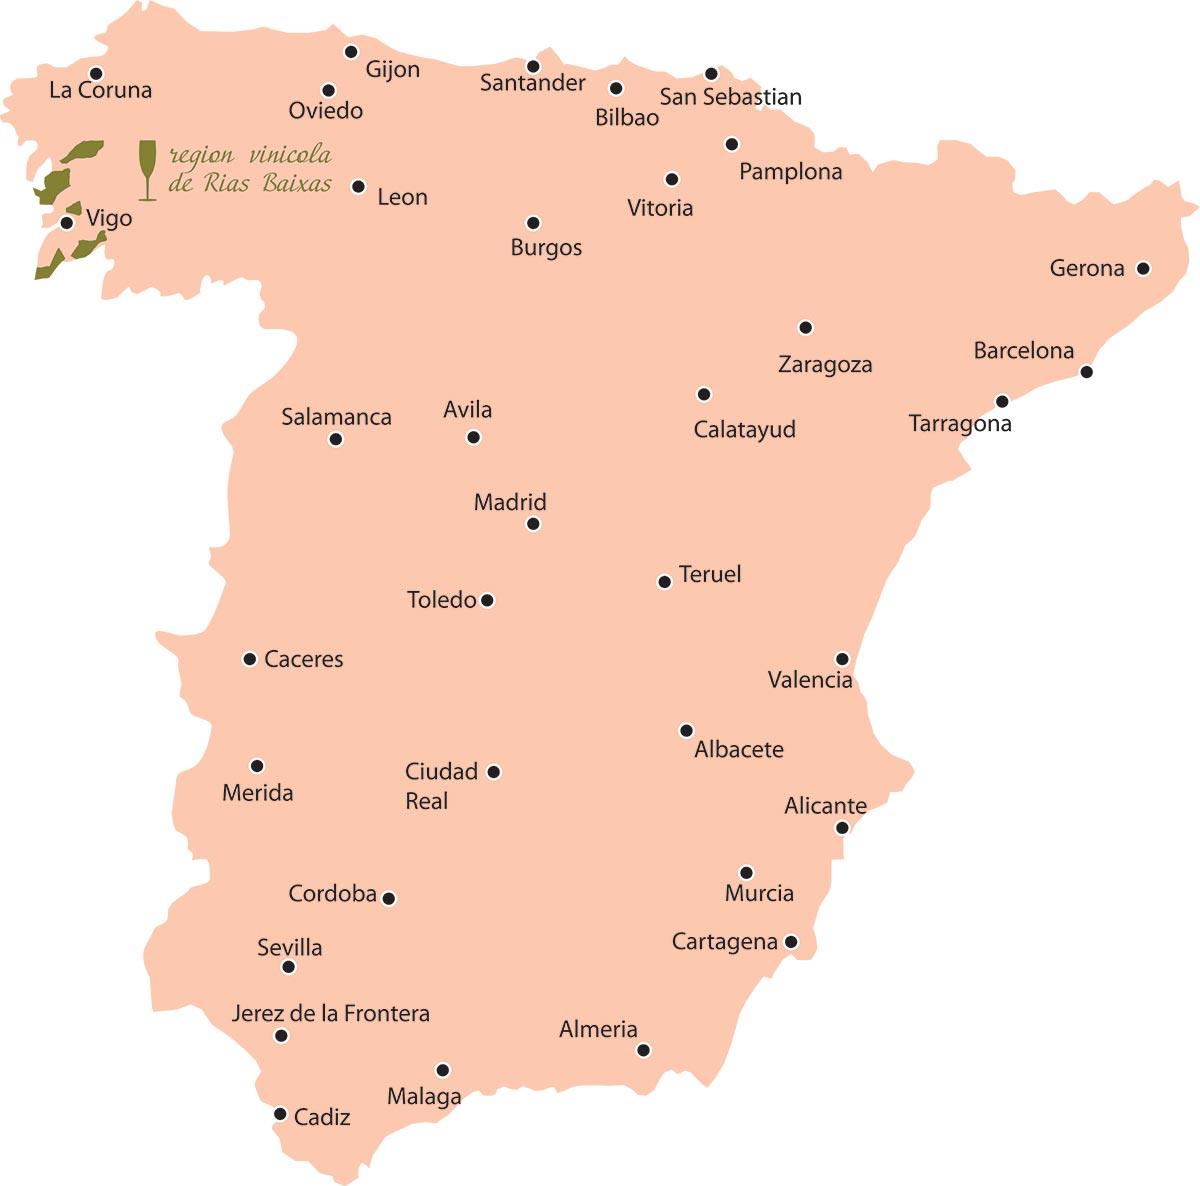 אזור ריאס באייסאס ממוקם בפינה השמאלית העליונה של ספרד